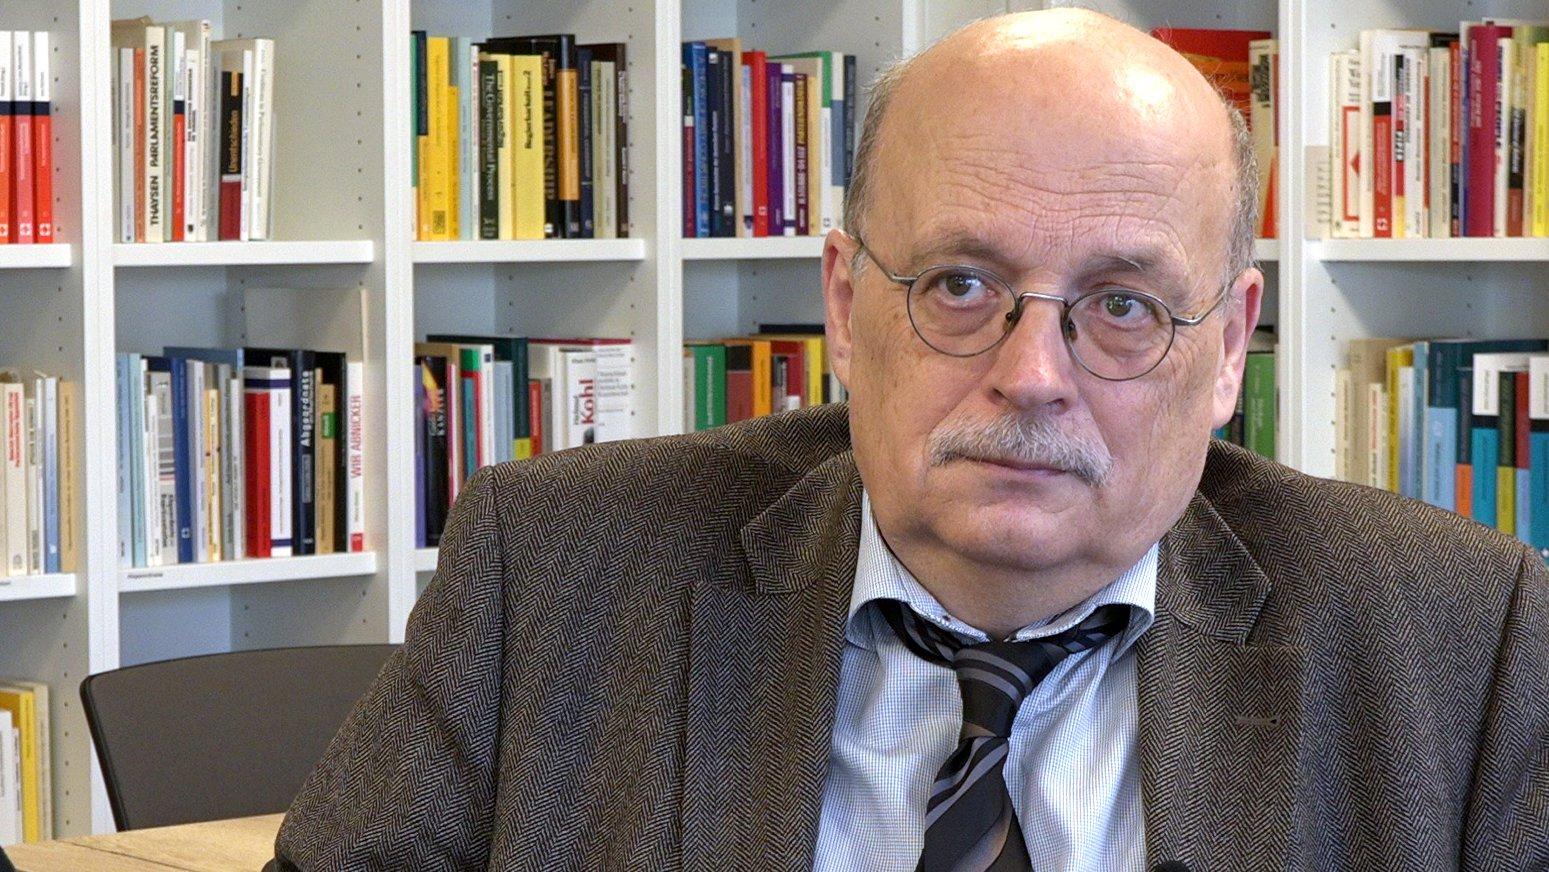 Wohin steuert die NATO? Interview mit Politik-Professor Krause